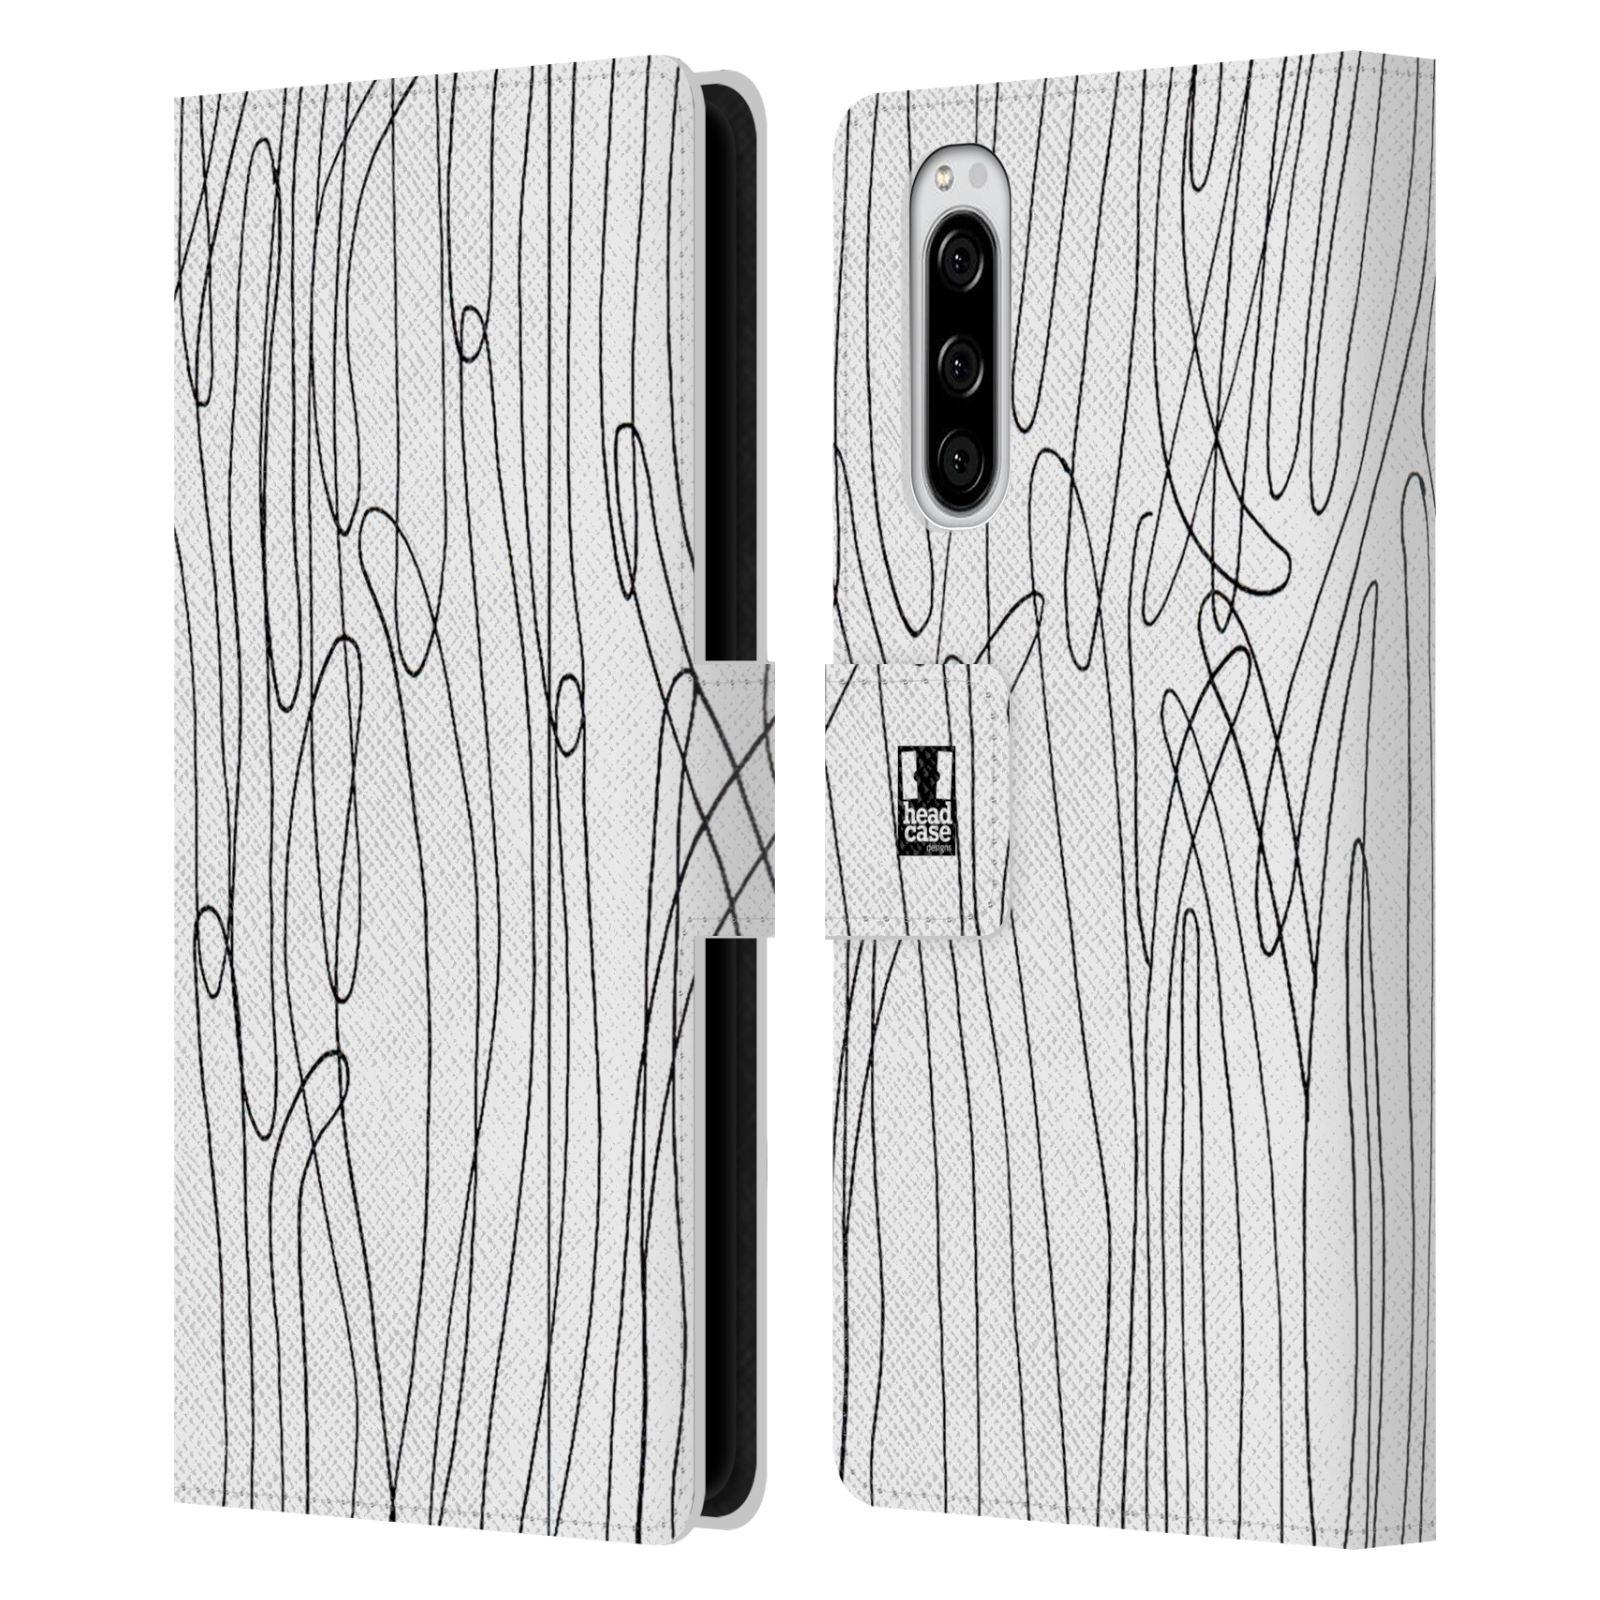 Pouzdro na mobil Sony Xperia 5 kresba a čmáranice vlny černá a bílá